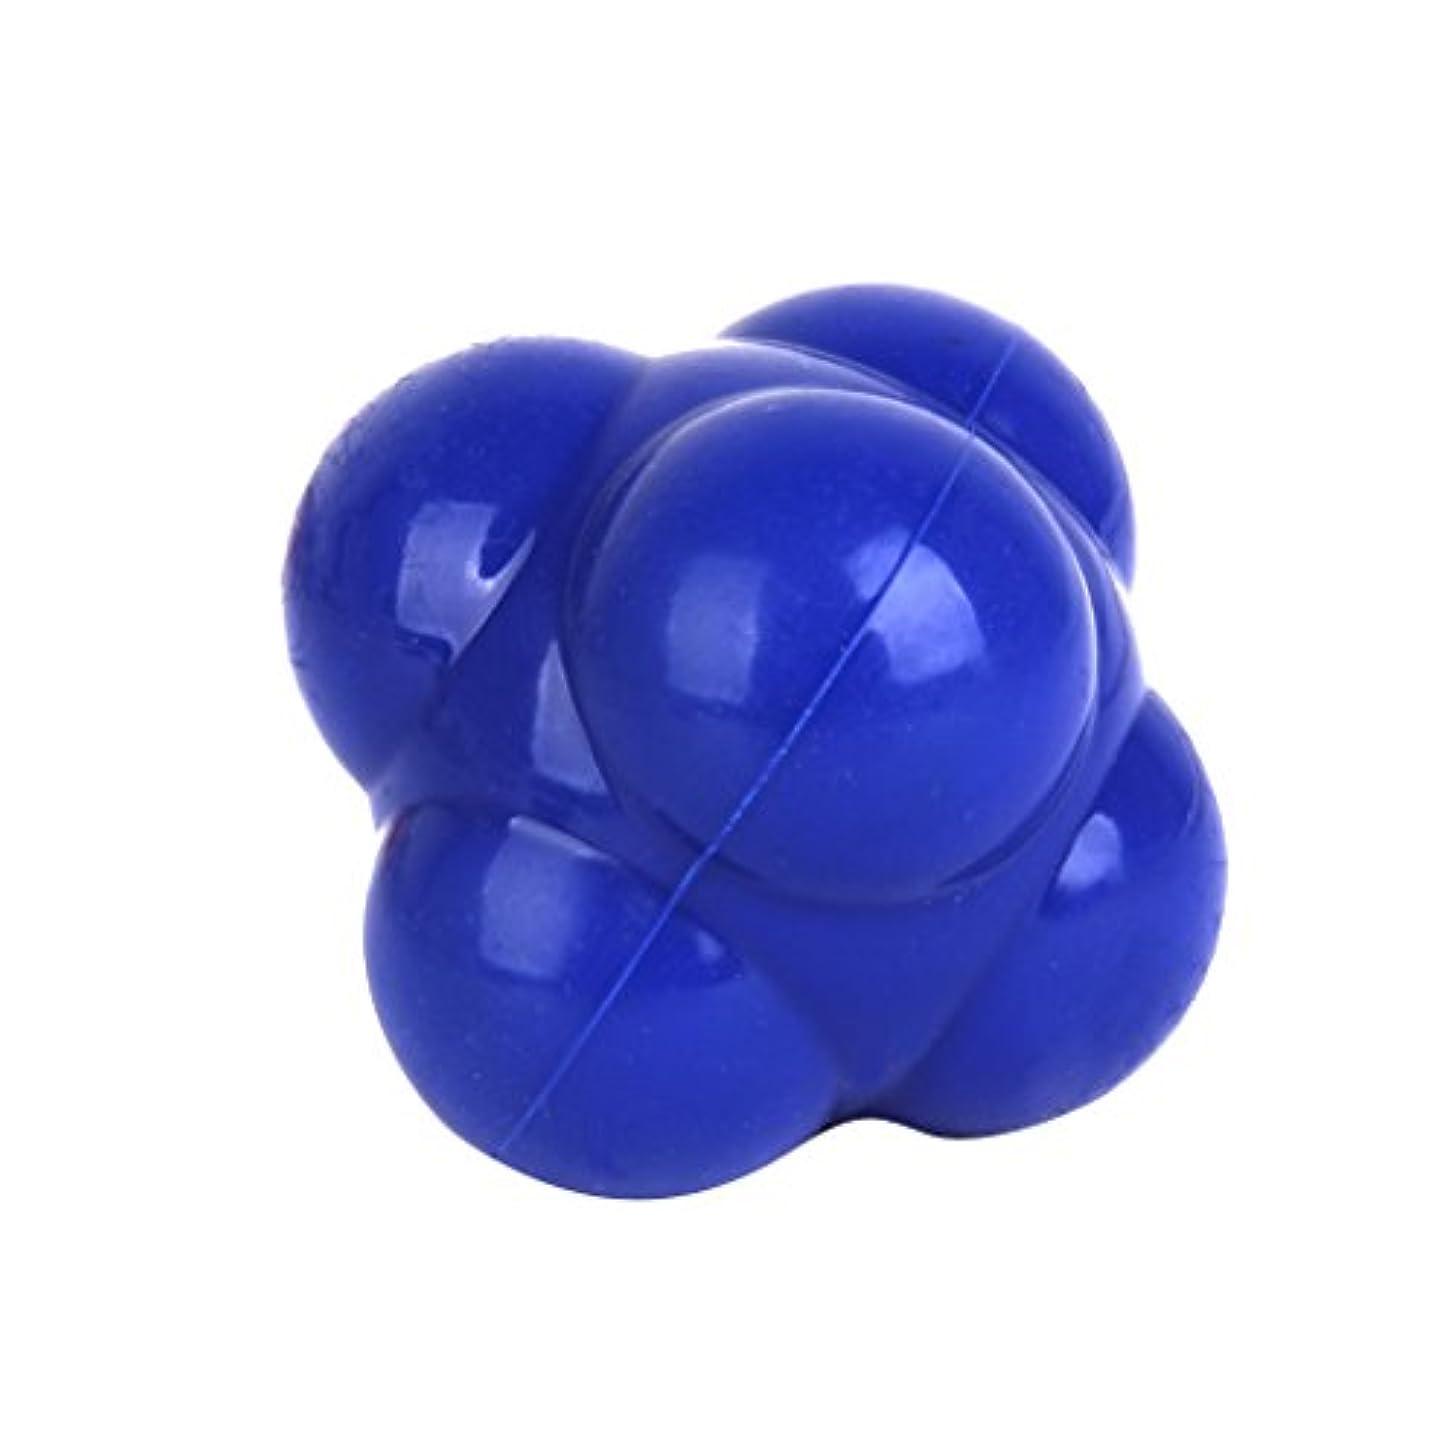 カストディアンアスペクト勇者【ノーブランド品】六角反応ボール 六角マッサージボール 反射運動トレーニング 青